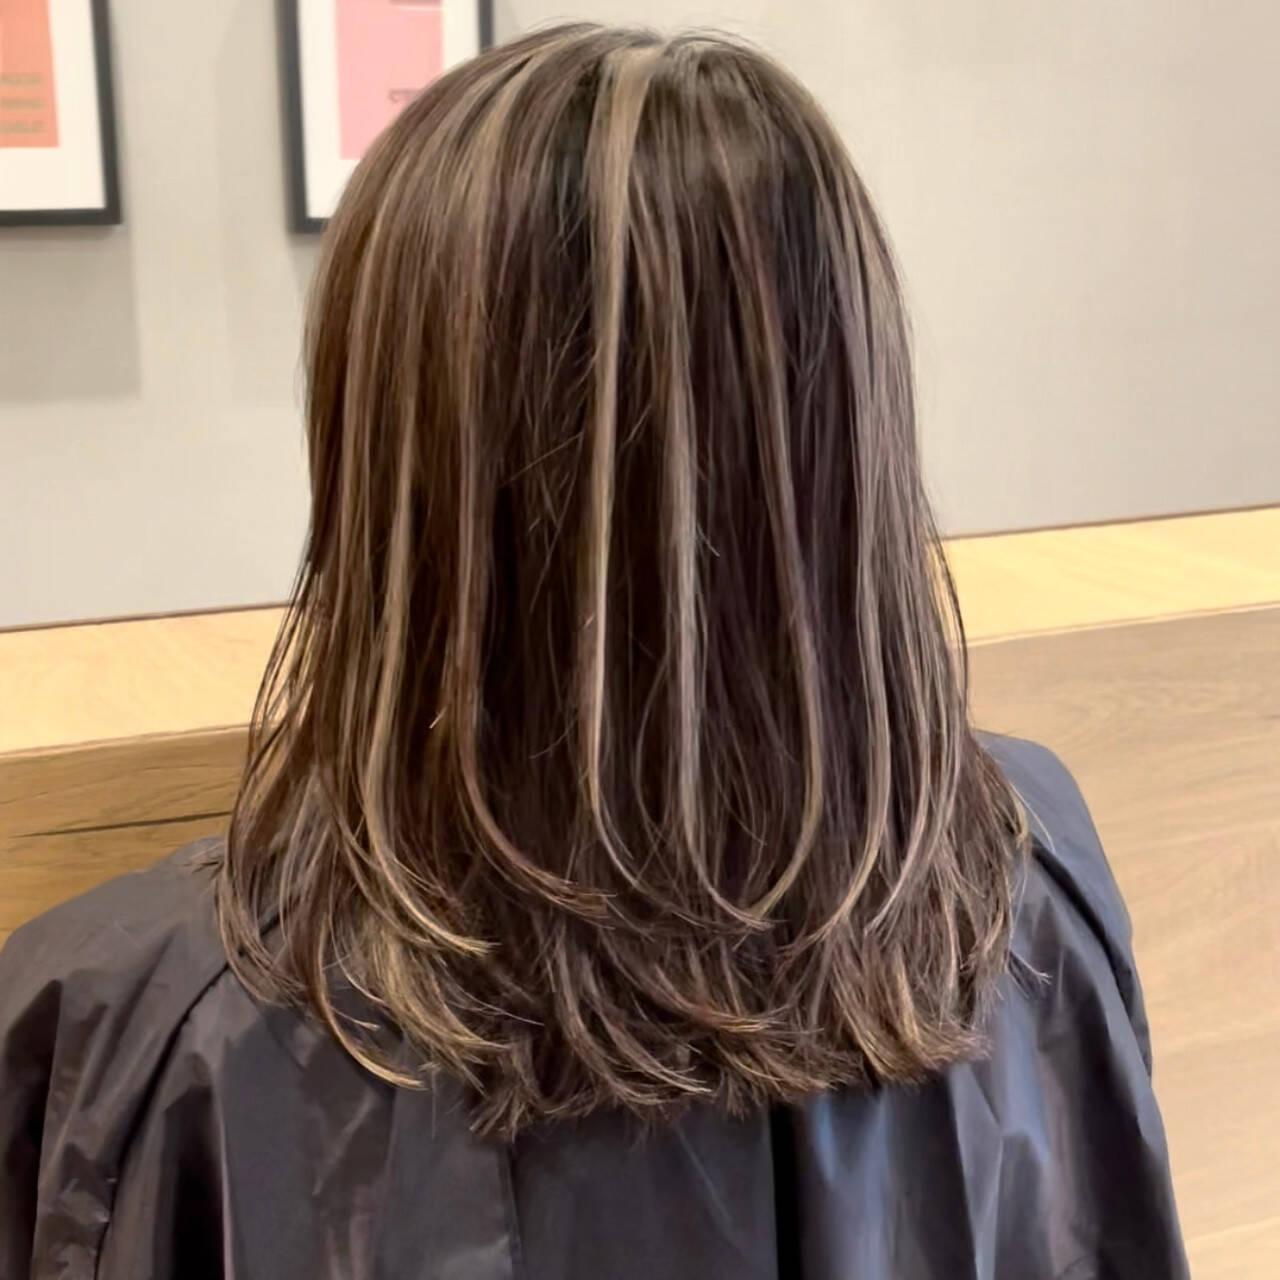 ミディアム ミディアムレイヤー 3Dハイライト ナチュラルヘアスタイルや髪型の写真・画像